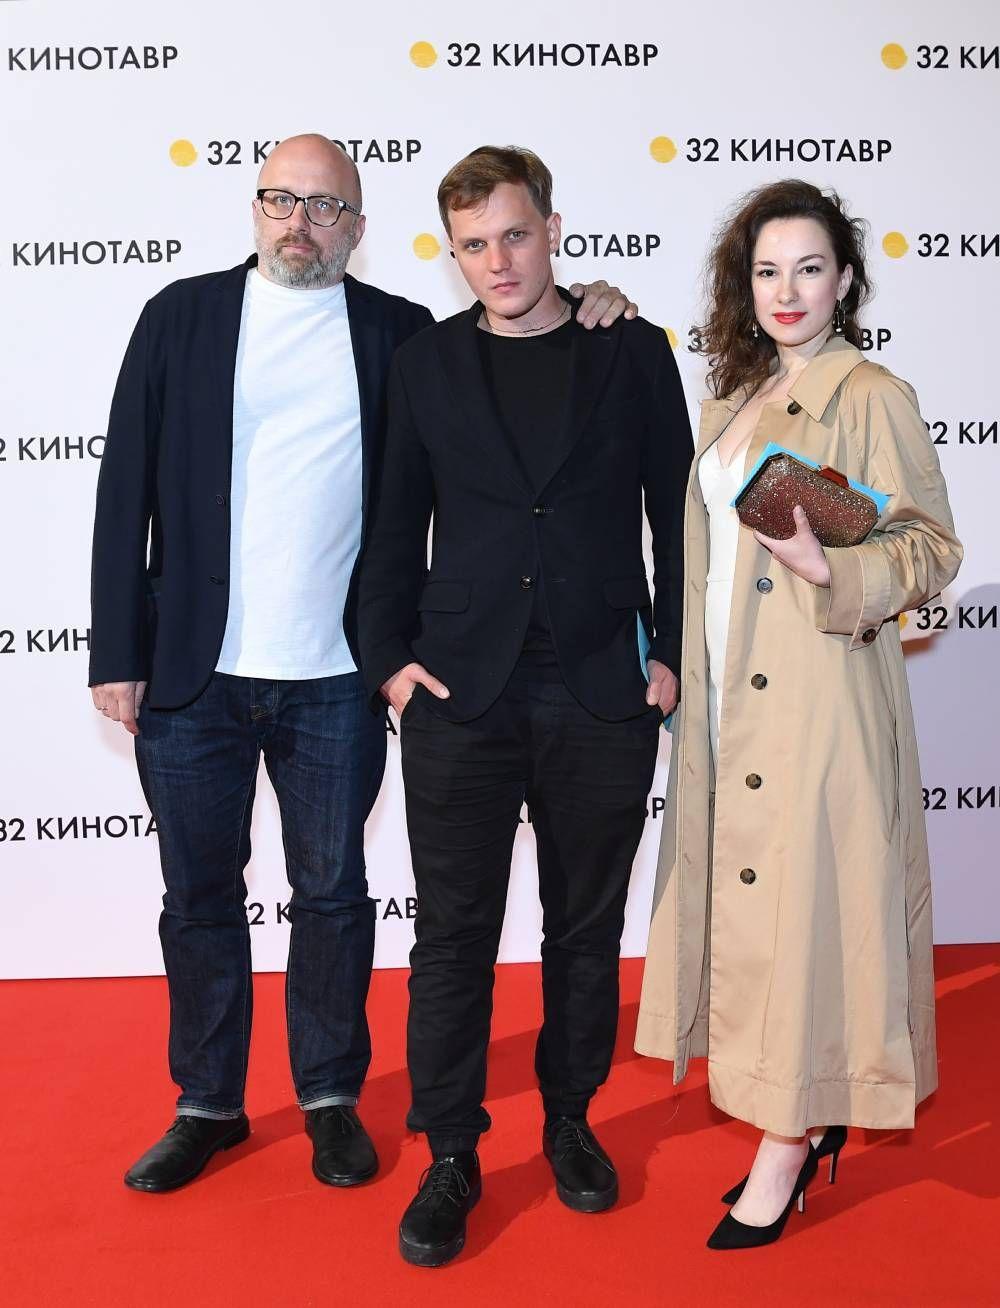 Продюсер Артем Васильев и актер Геннадий Вырыпаев (справа).